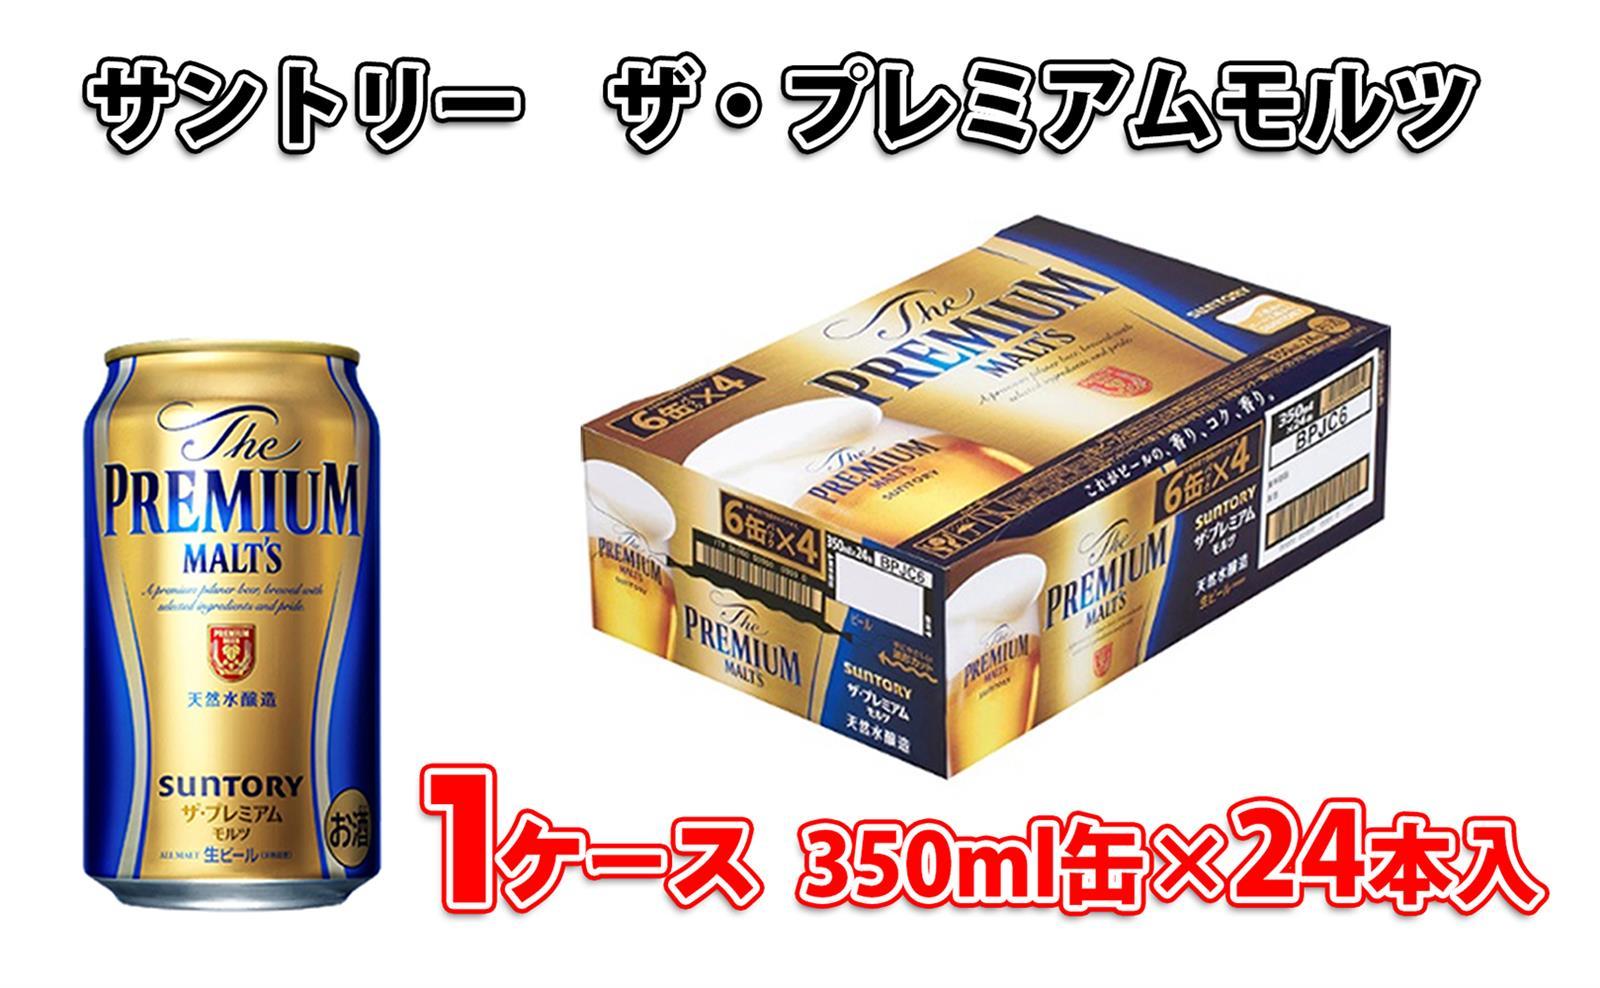 【ふるさと納税】G-03_サントリー プレミアムモルツ350ml缶 1ケース